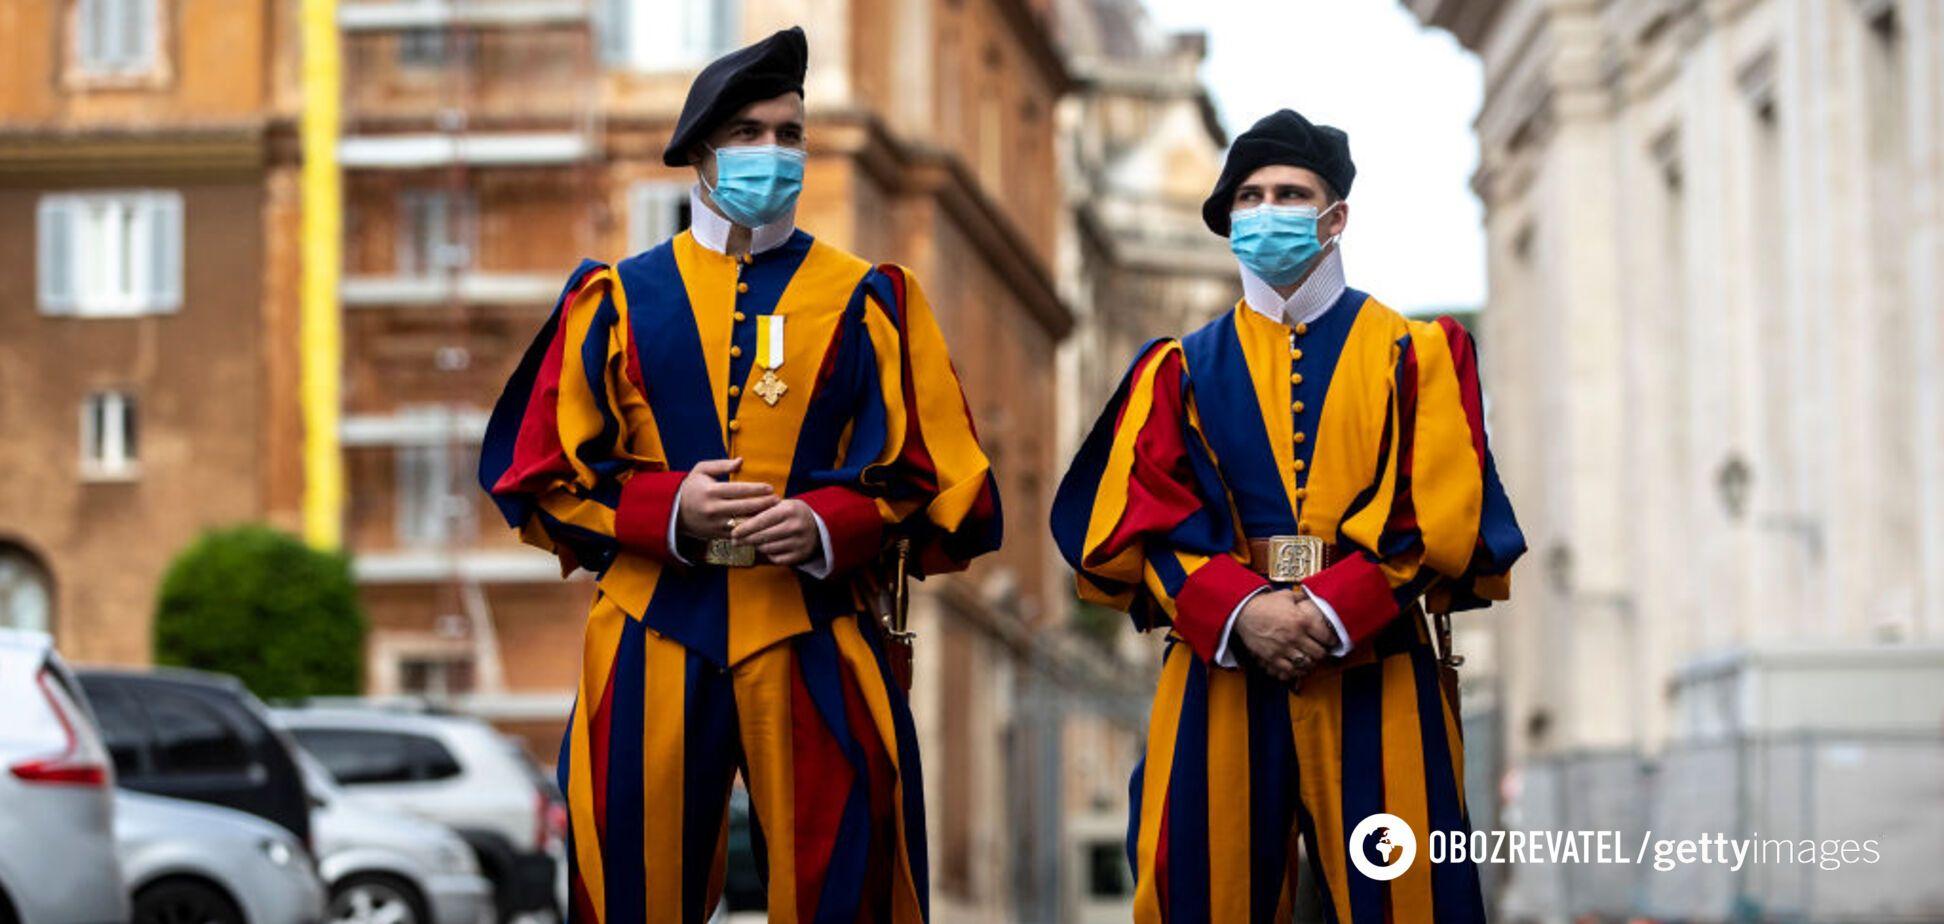 Коронавирус в Италии: что сейчас происходит в стране